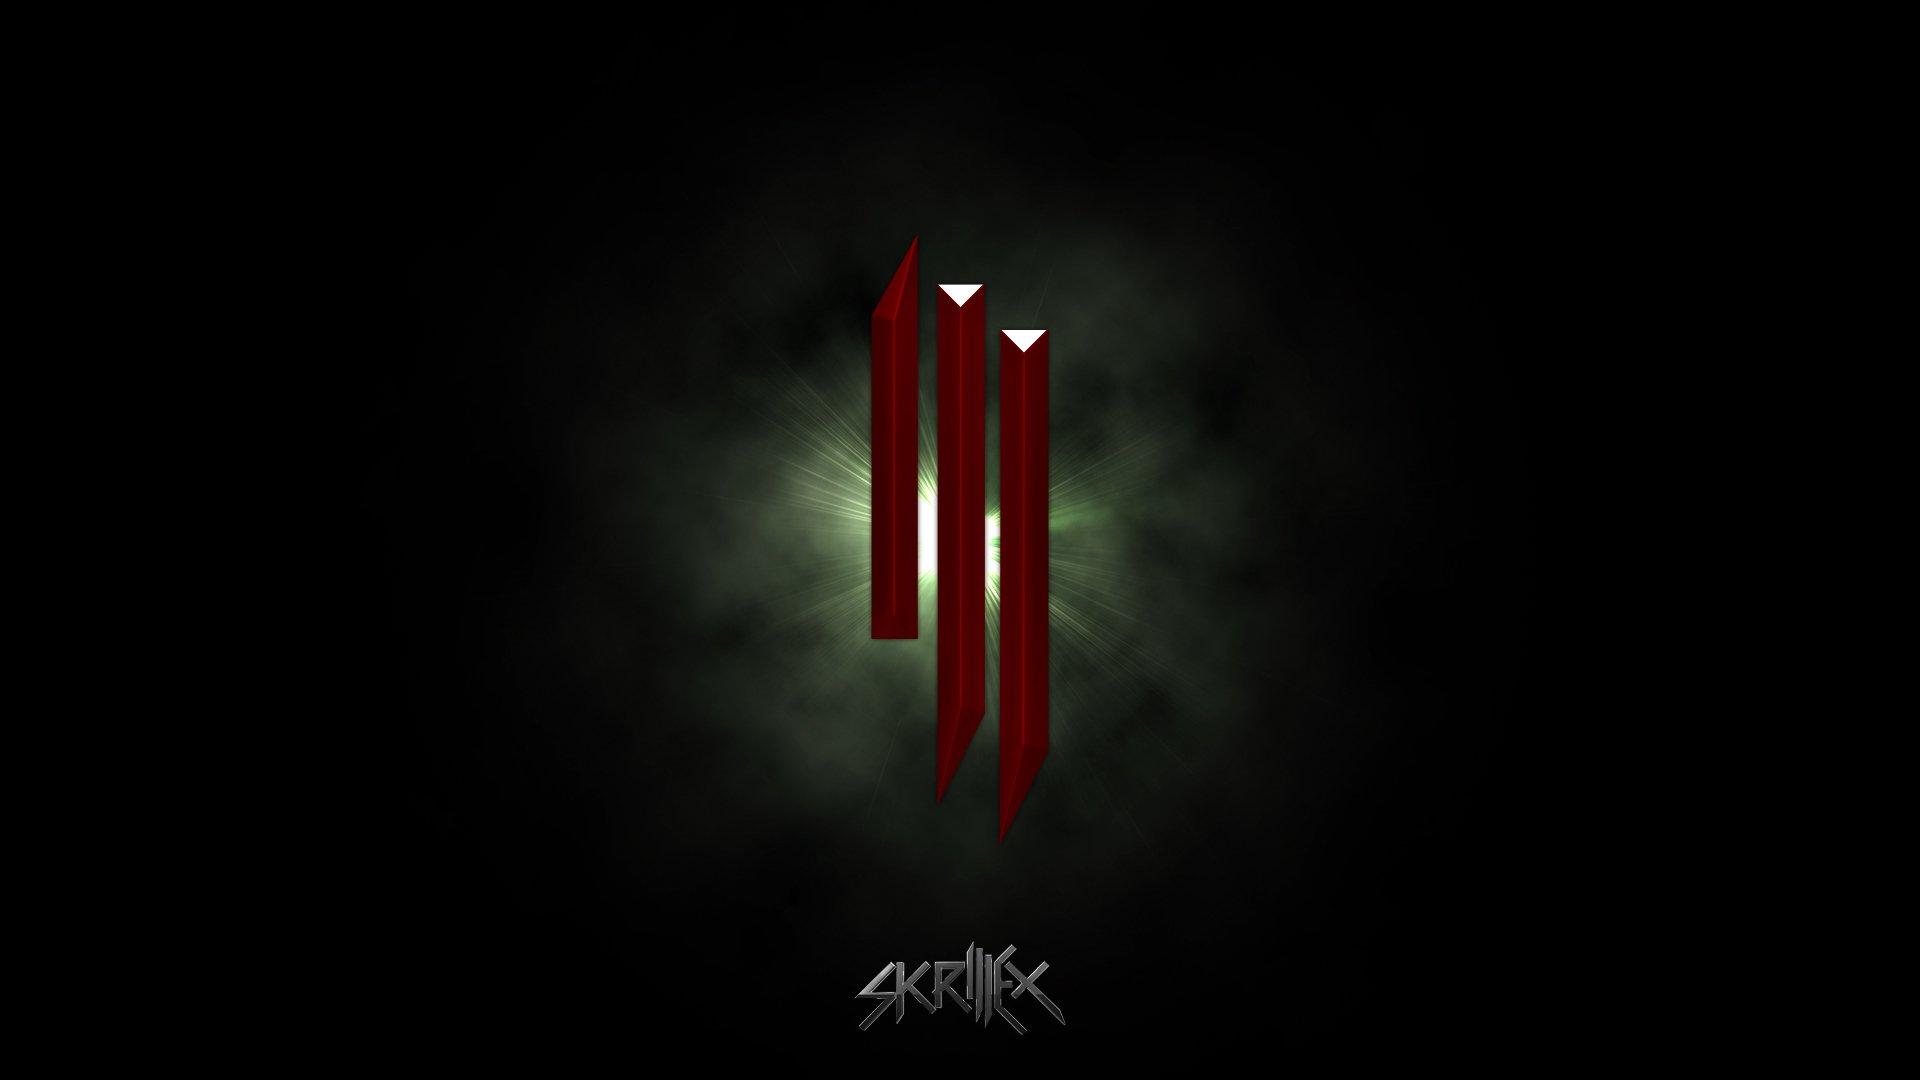 Music - Skrillex  Dubstep Trance Music Wallpaper